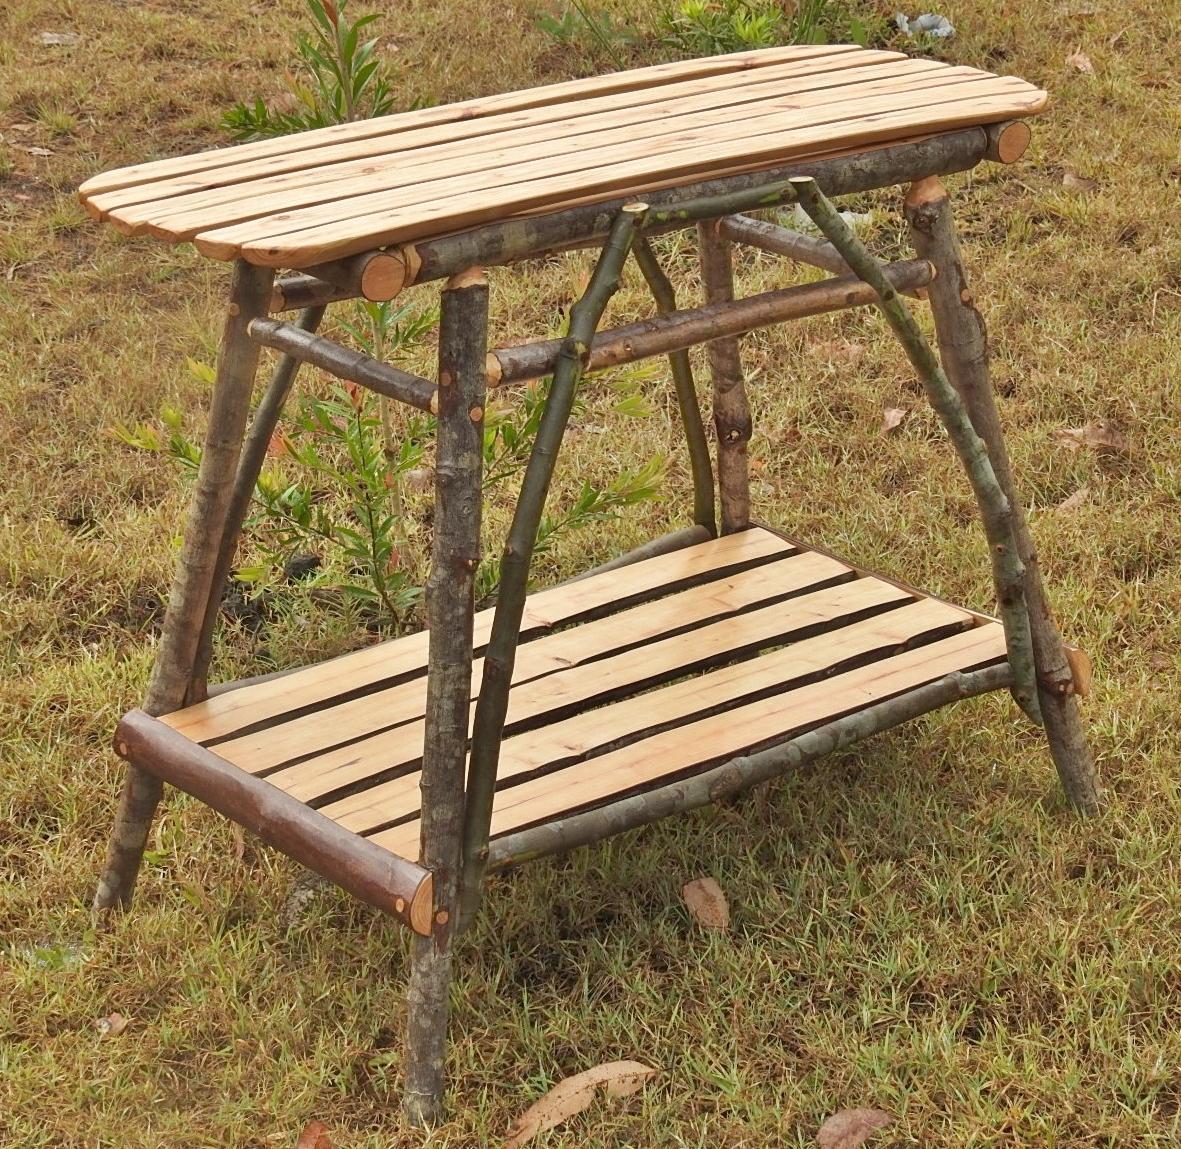 Goannawood Stick Furniture